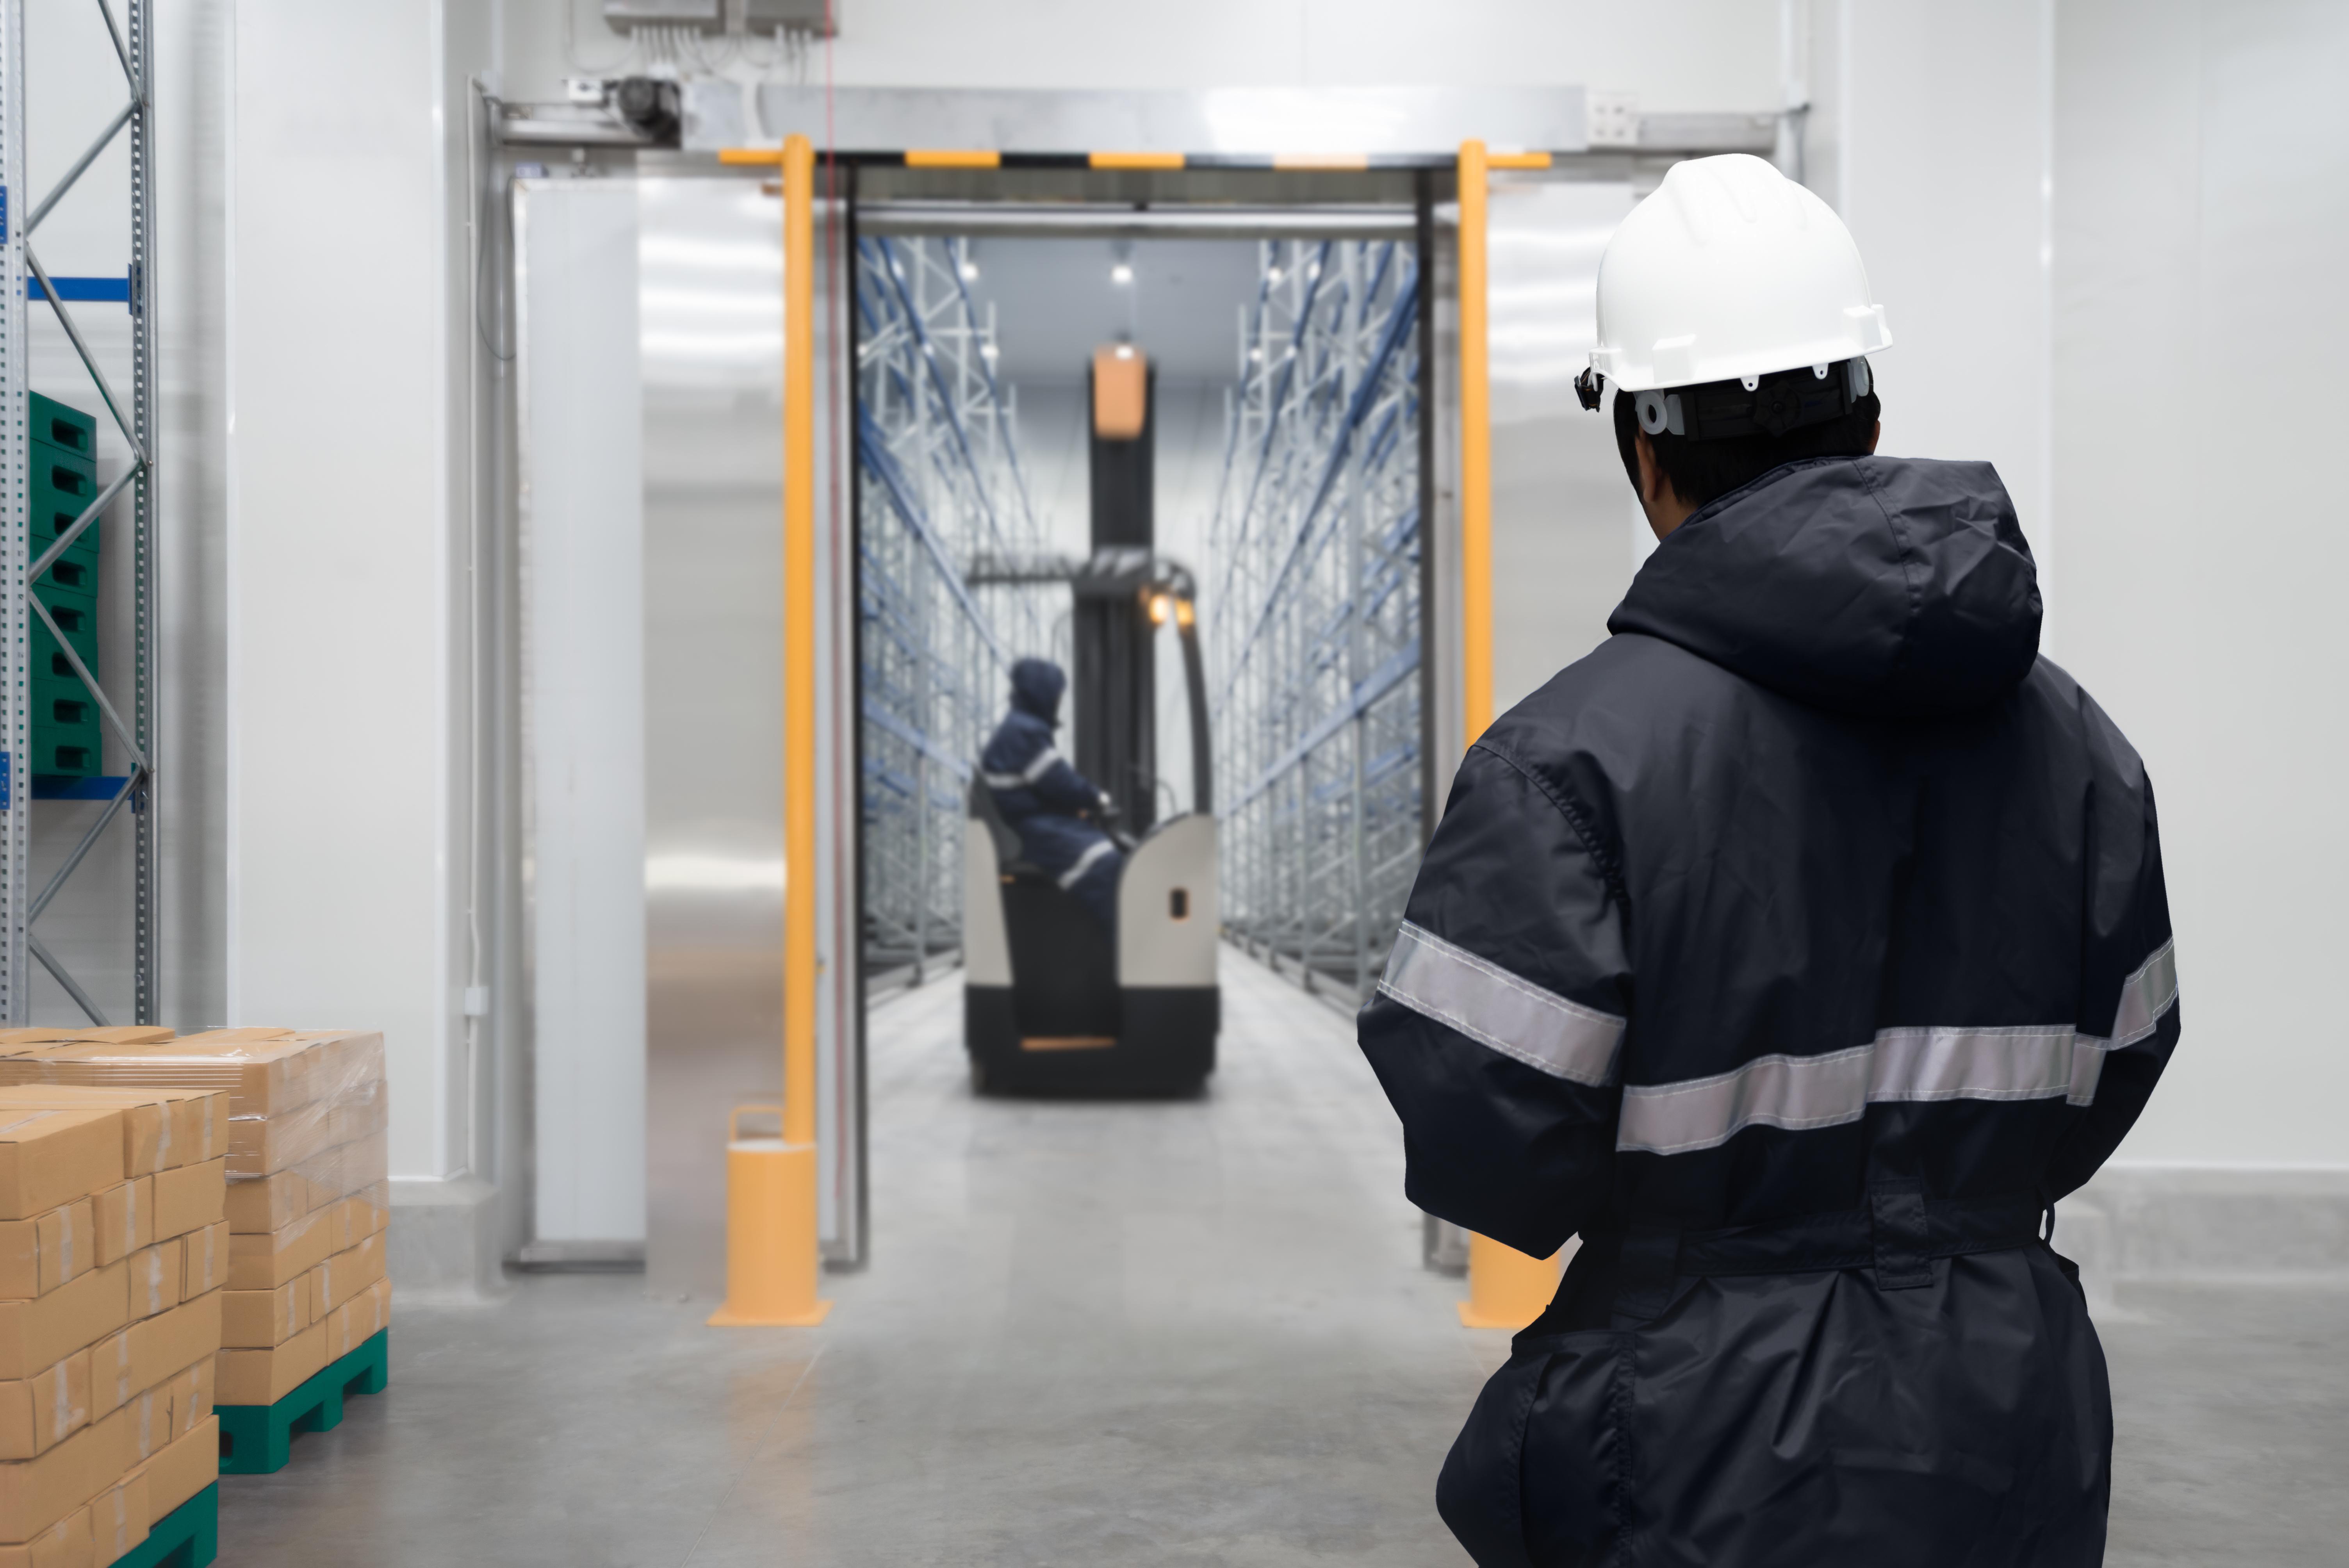 Warehouse worker (deep-freeze)